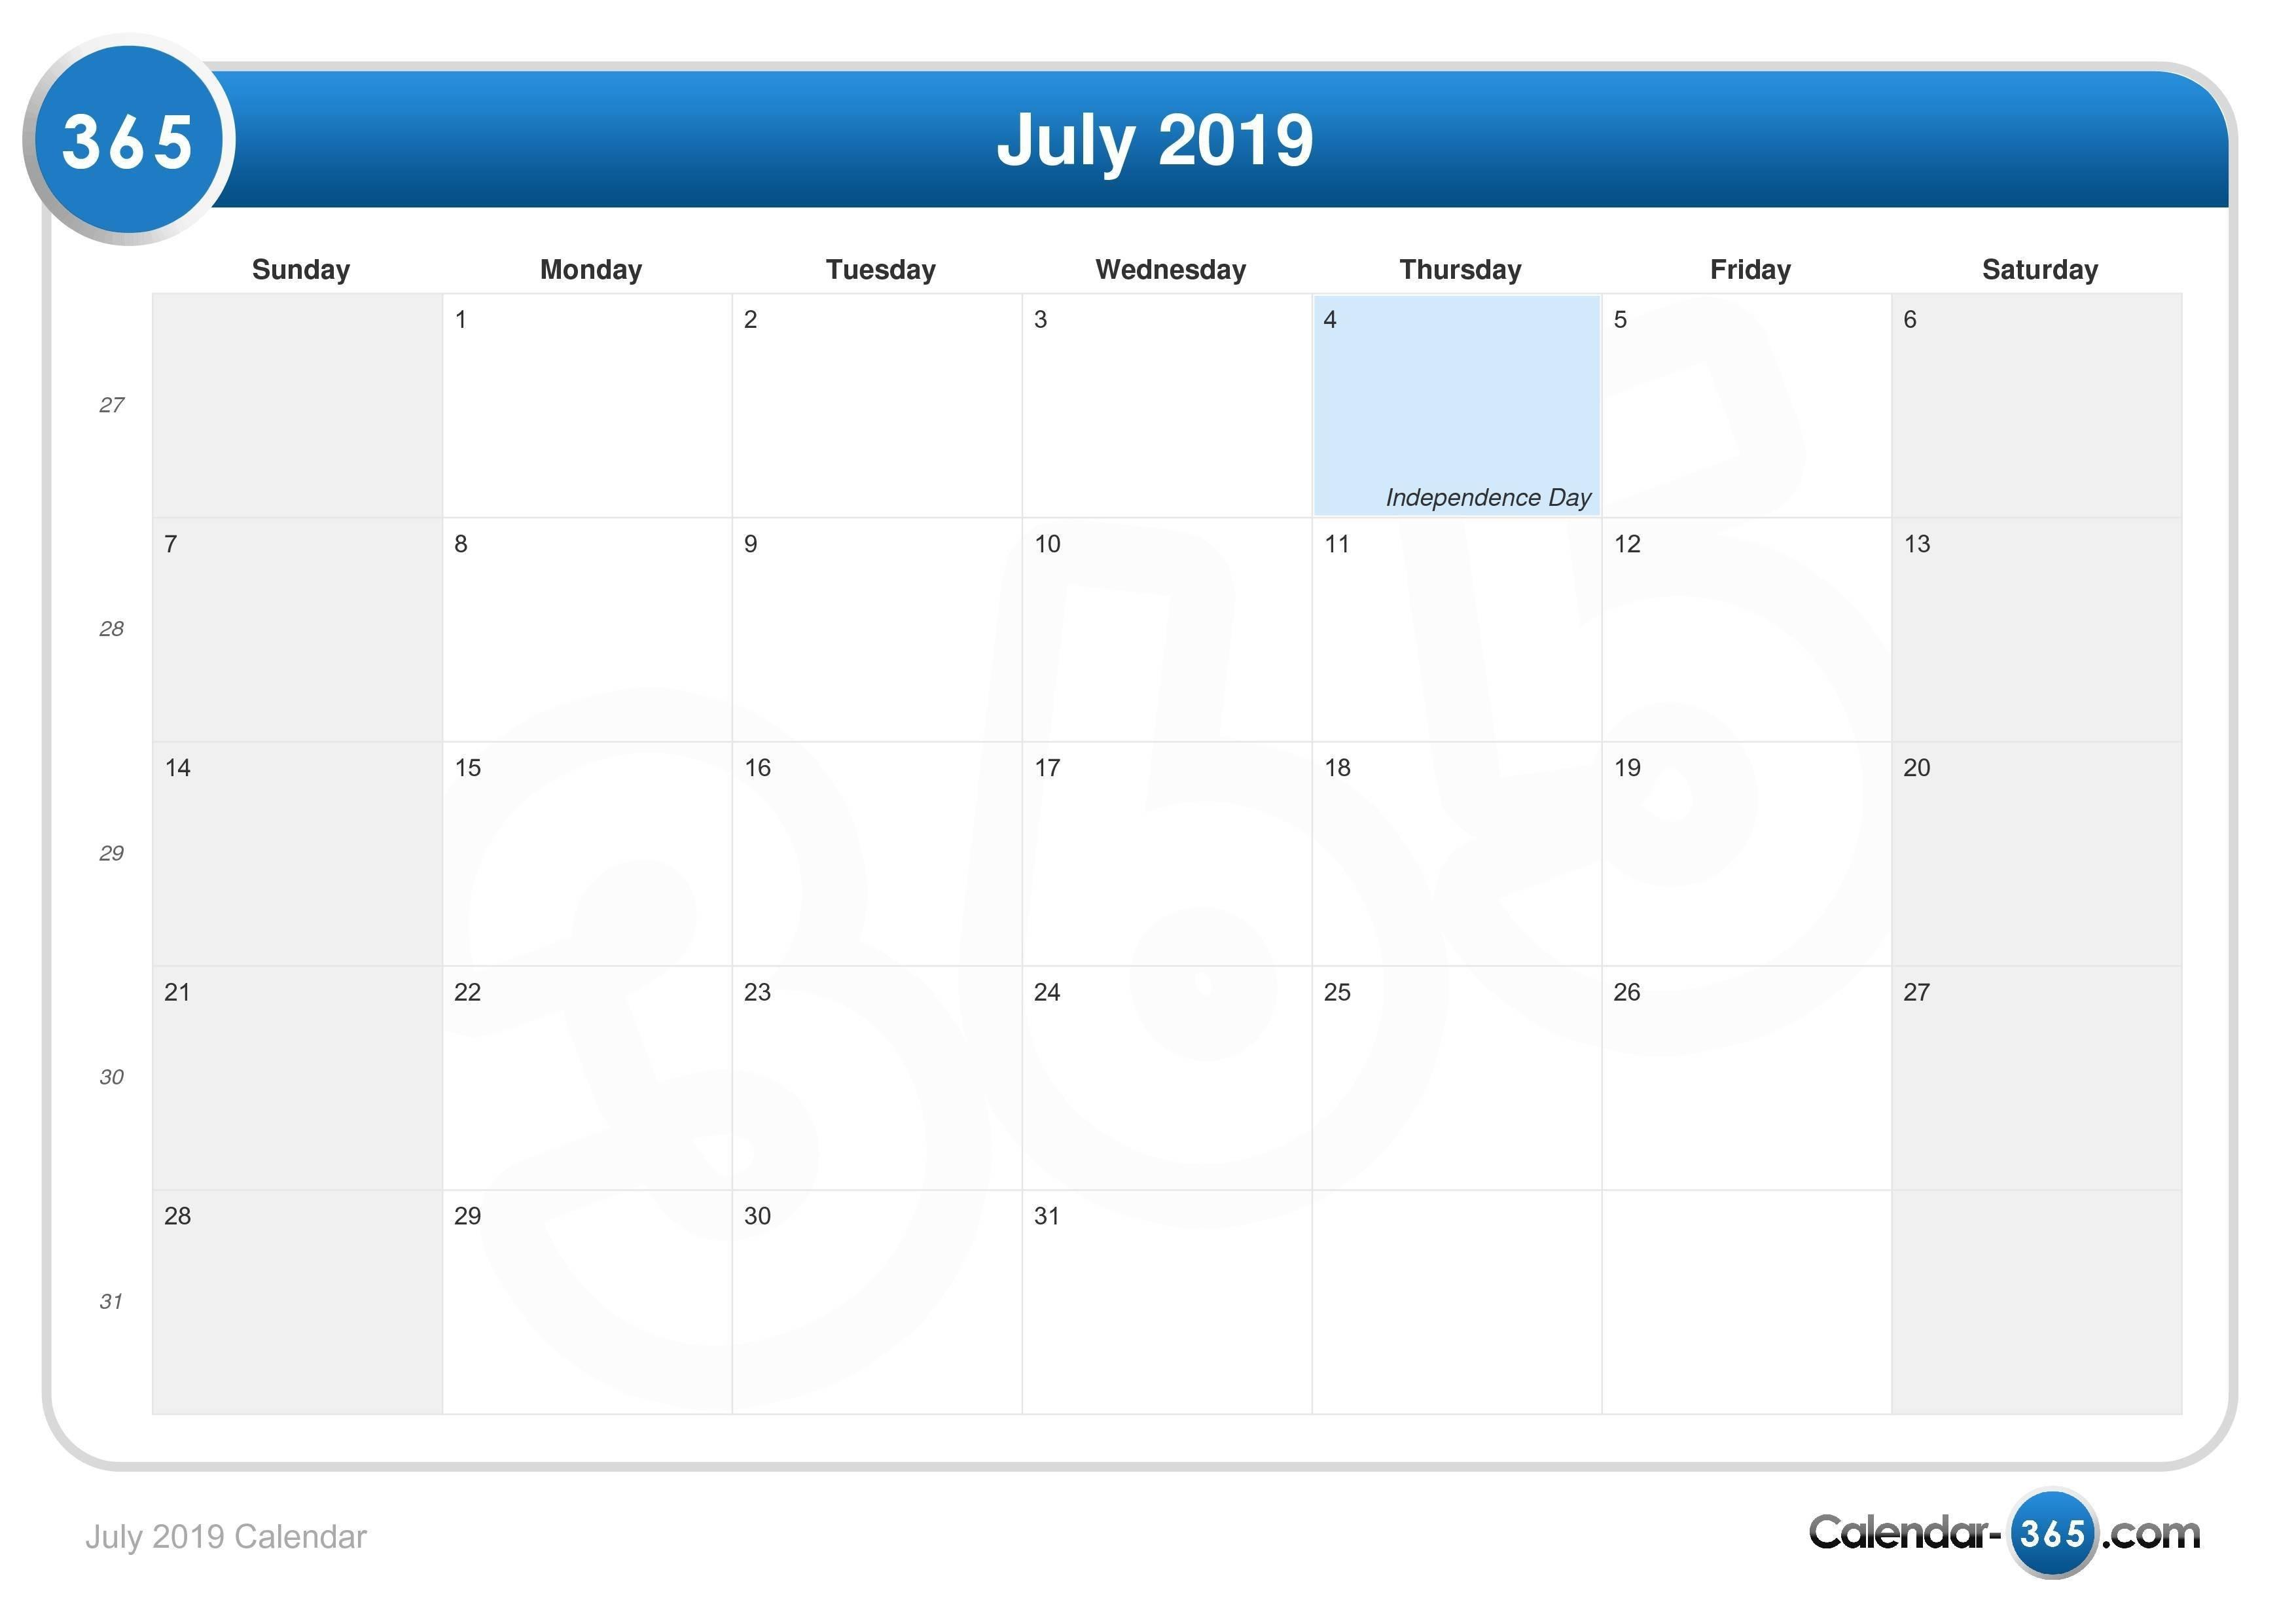 July 2019 Calendar Calendar Week 15 2019